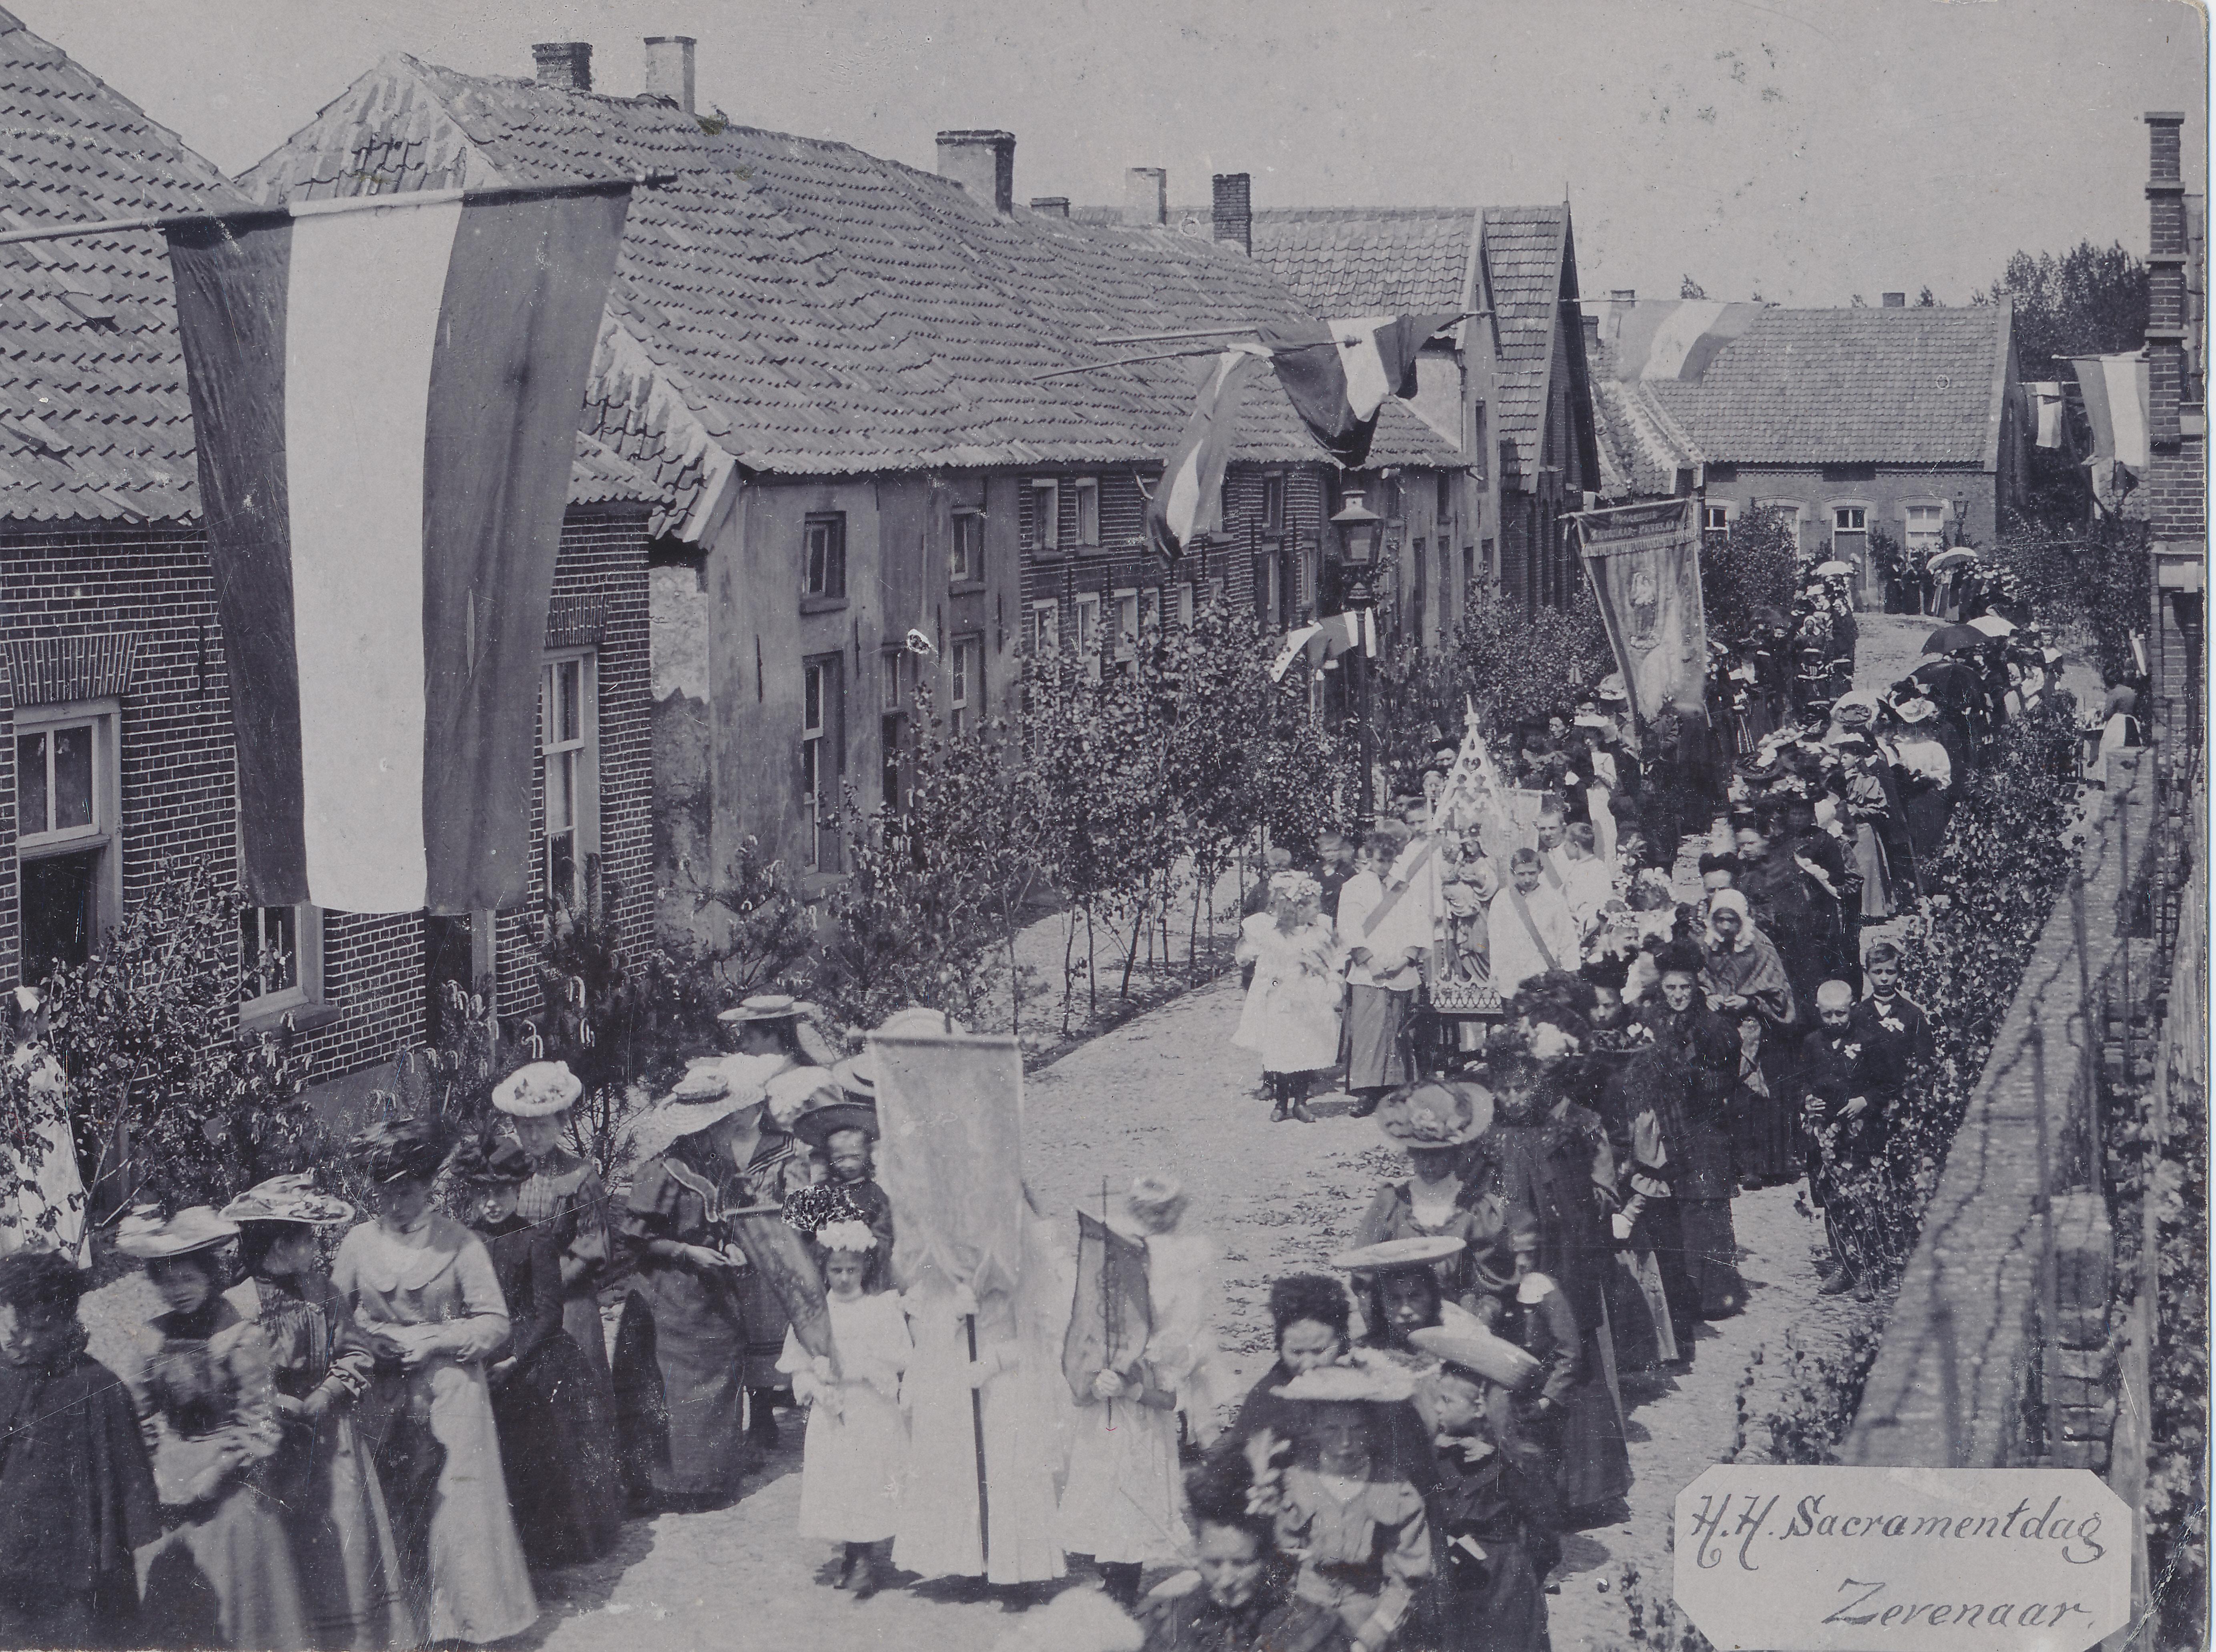 Sacramentsprocessie te Zevenaar (begin twintigste eeuw) © Streekarchivariaat de Liemers en Doesburg